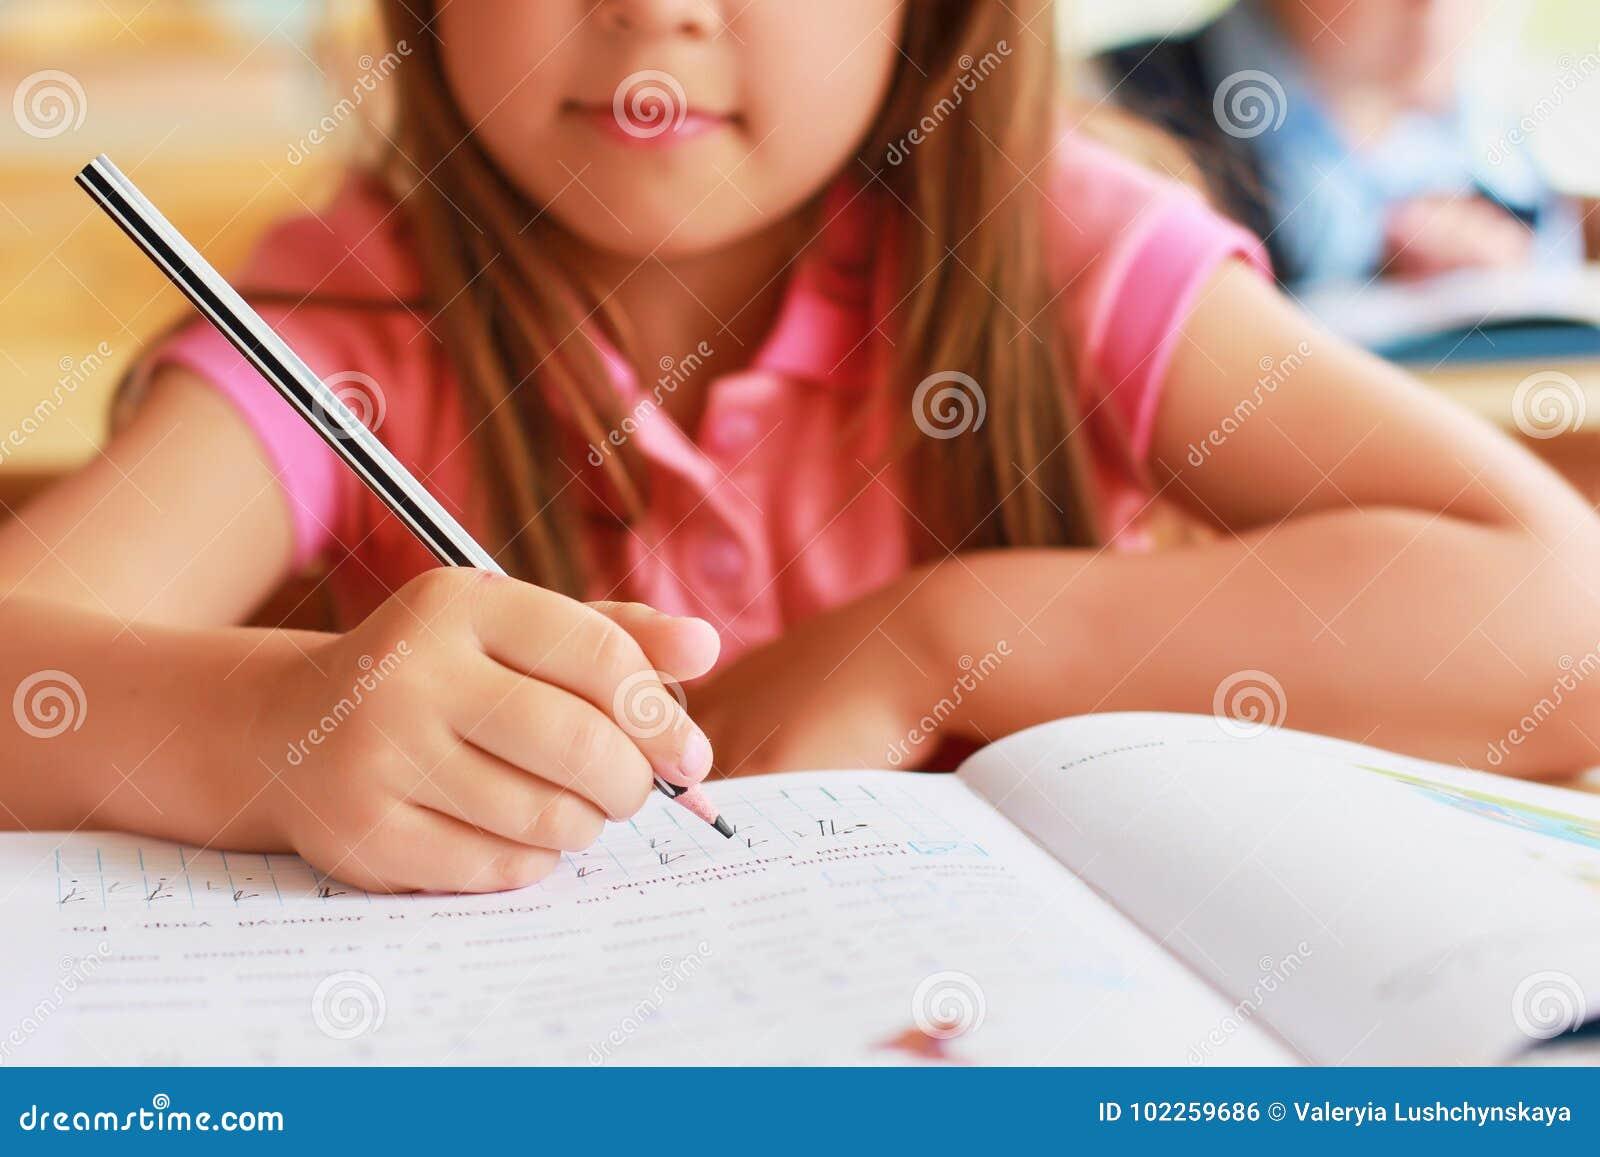 Сладостный кавказский ребенок в школе на столе пишет в тетради